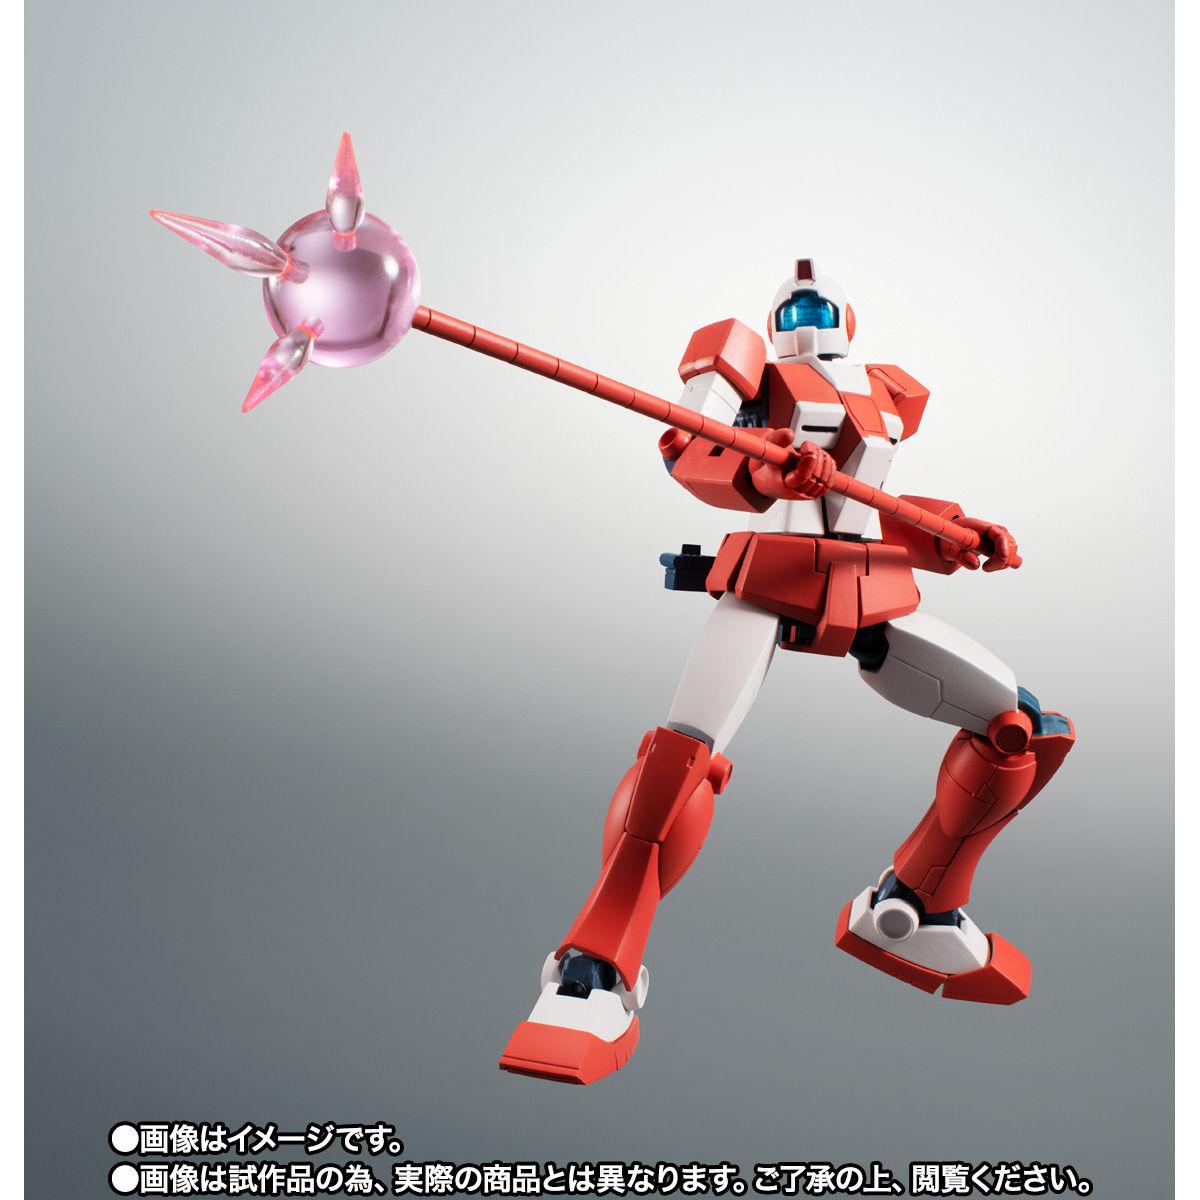 【限定販売】ROBOT魂〈SIDE MS〉『RGM-79L ジム・ライトアーマー ver. A.N.I.M.E.』ガンダムMSV 可動フィギュア-008